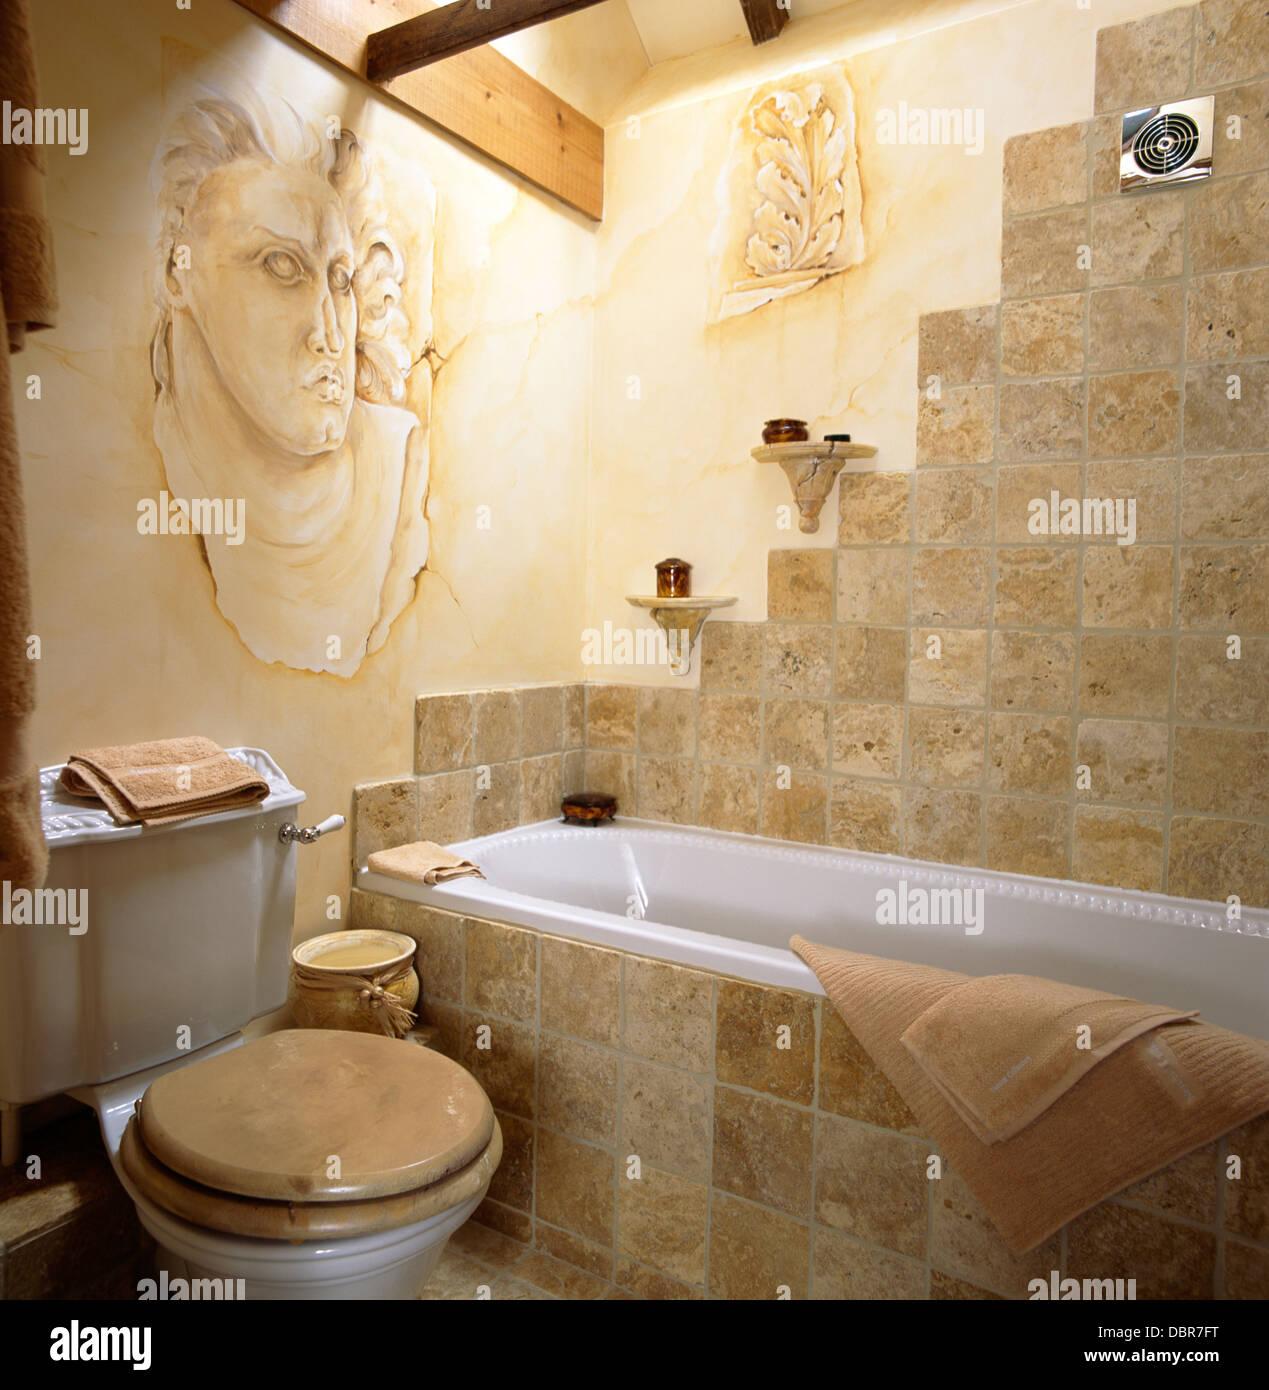 mur carrel et d 39 une baignoire en pierre dans la salle de. Black Bedroom Furniture Sets. Home Design Ideas